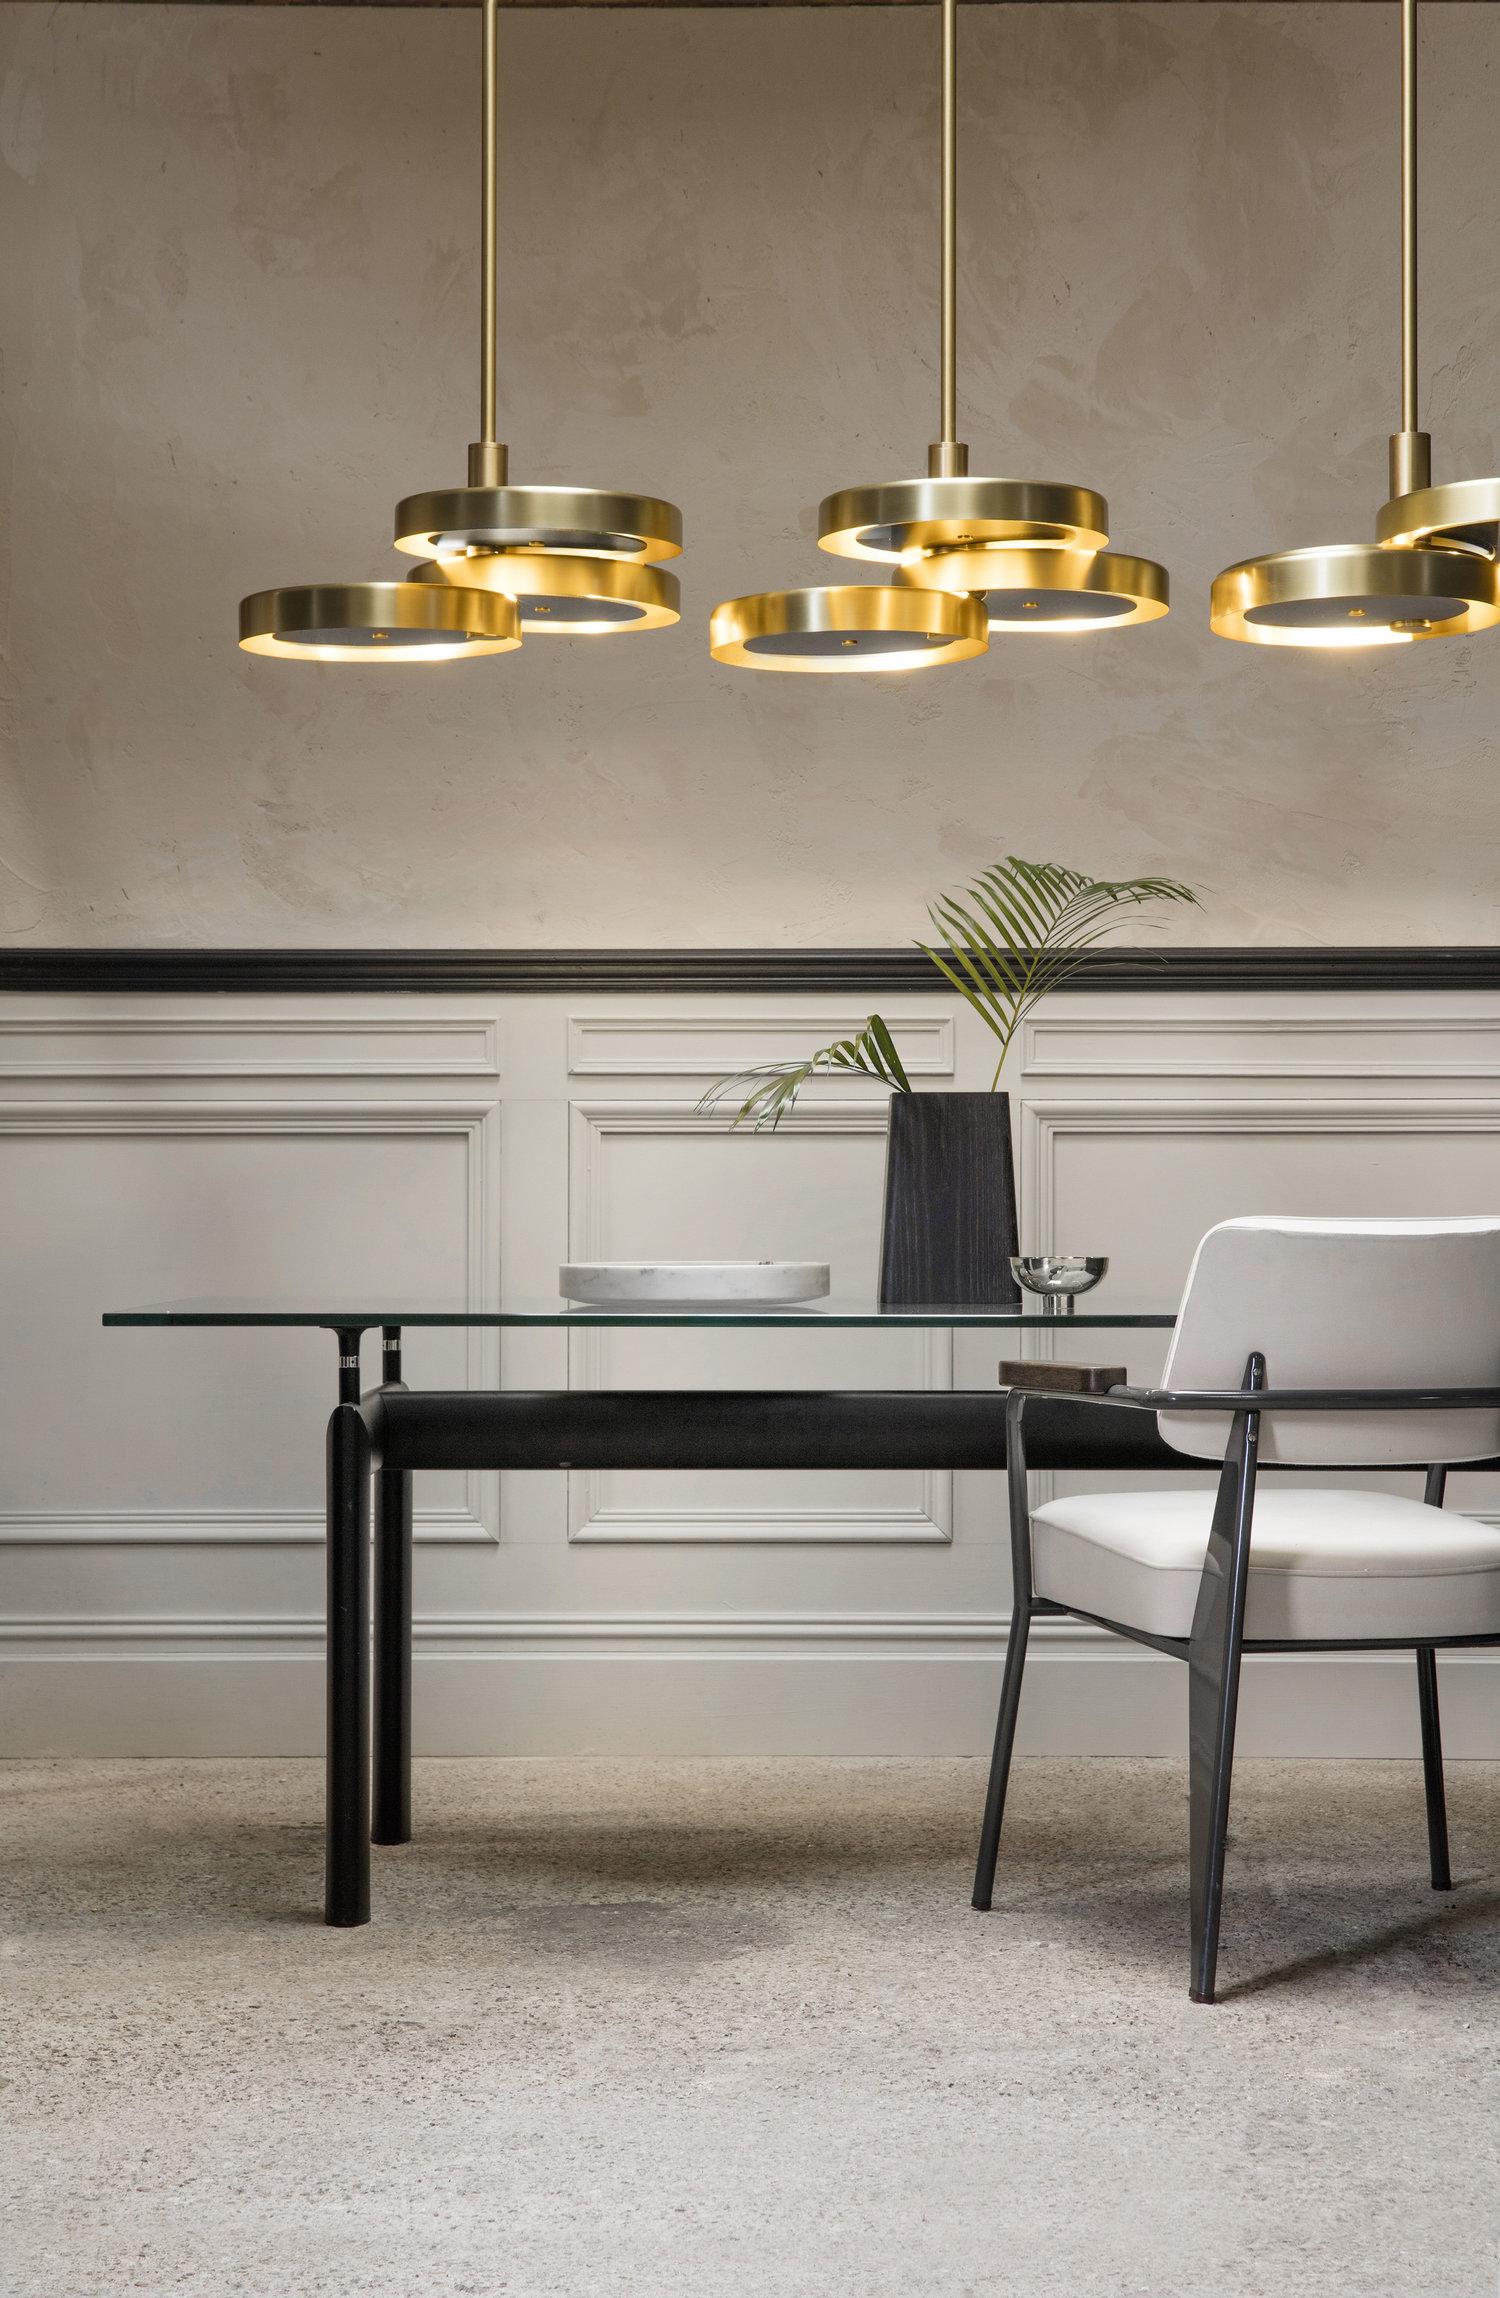 Bertfrank Подвесной светильник Triarc от английского бренда Bert Frank